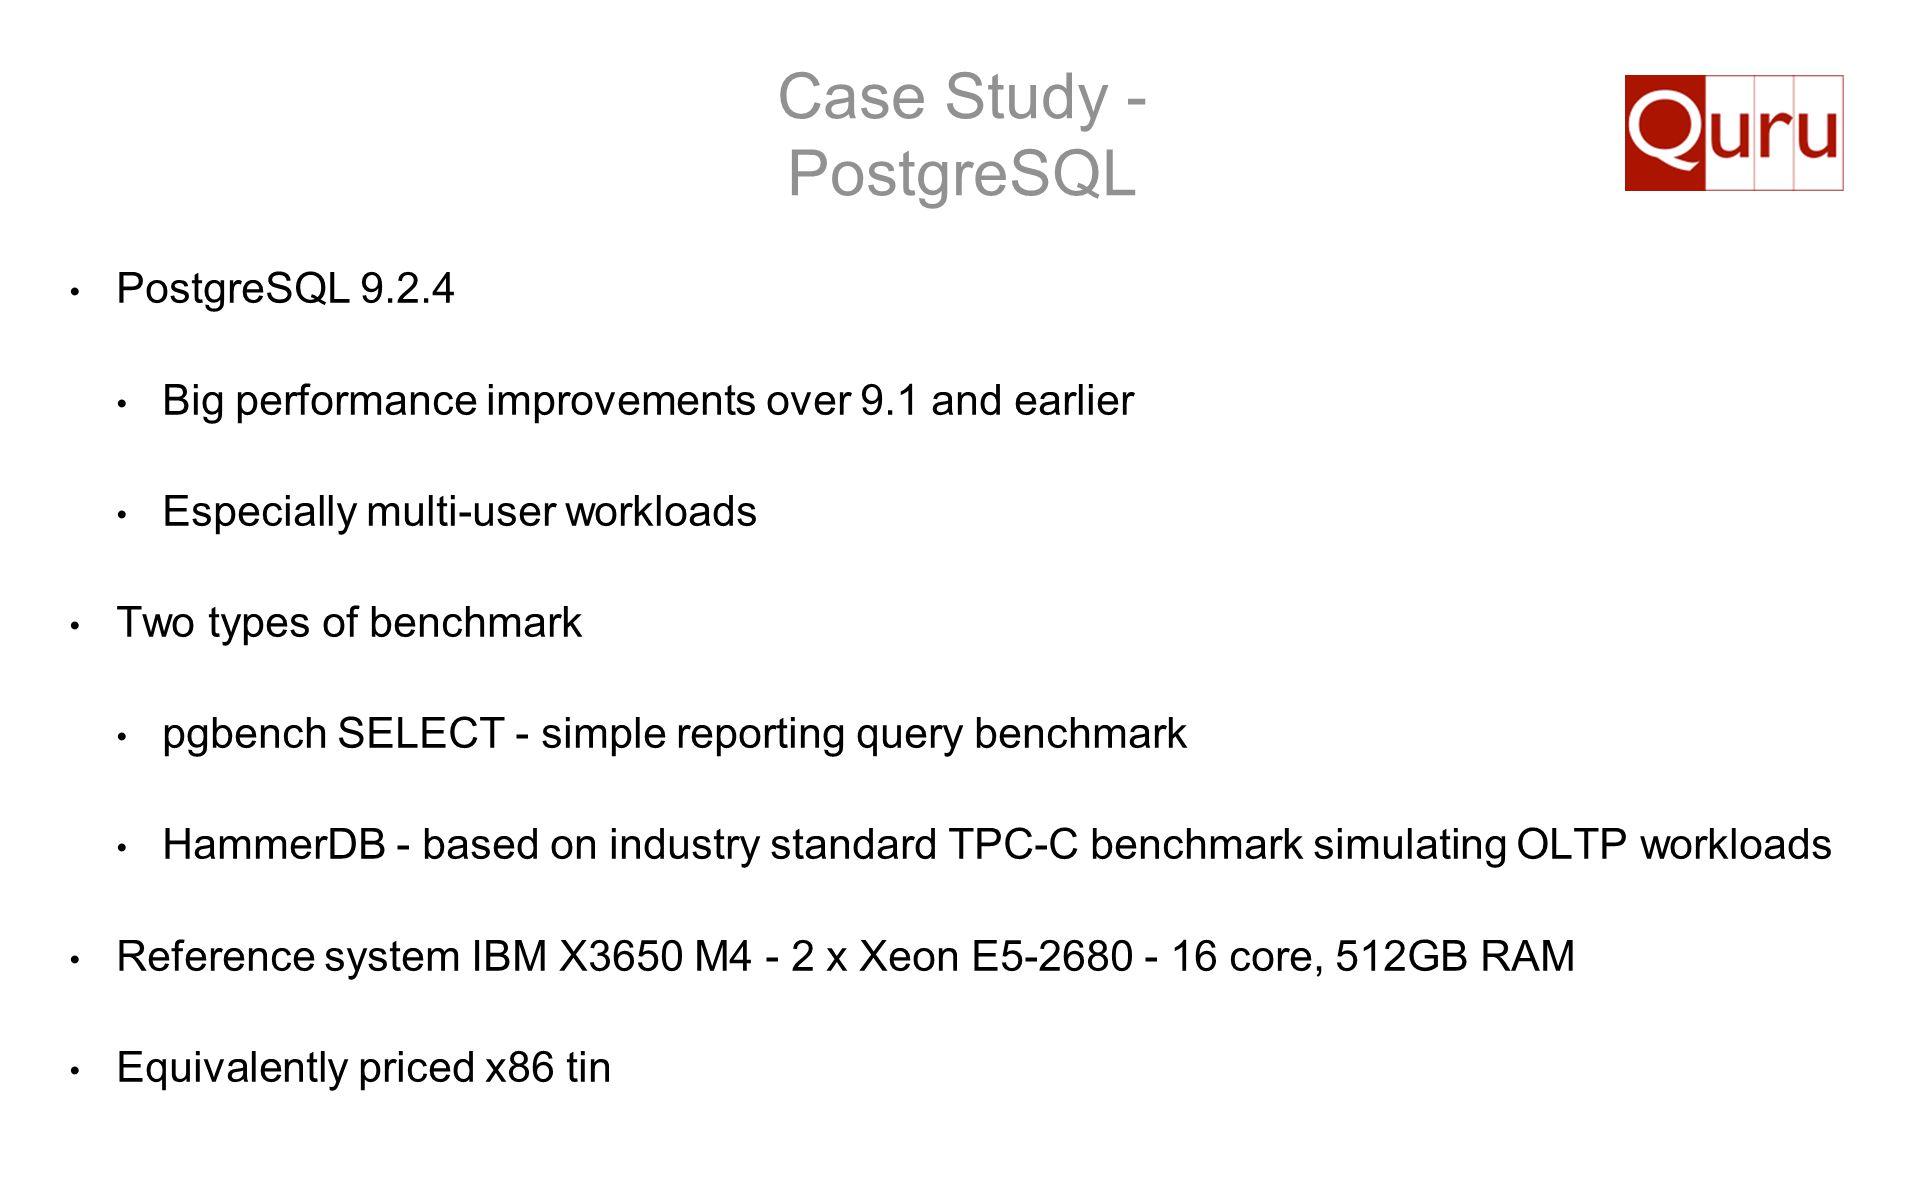 Case Study - PostgreSQL